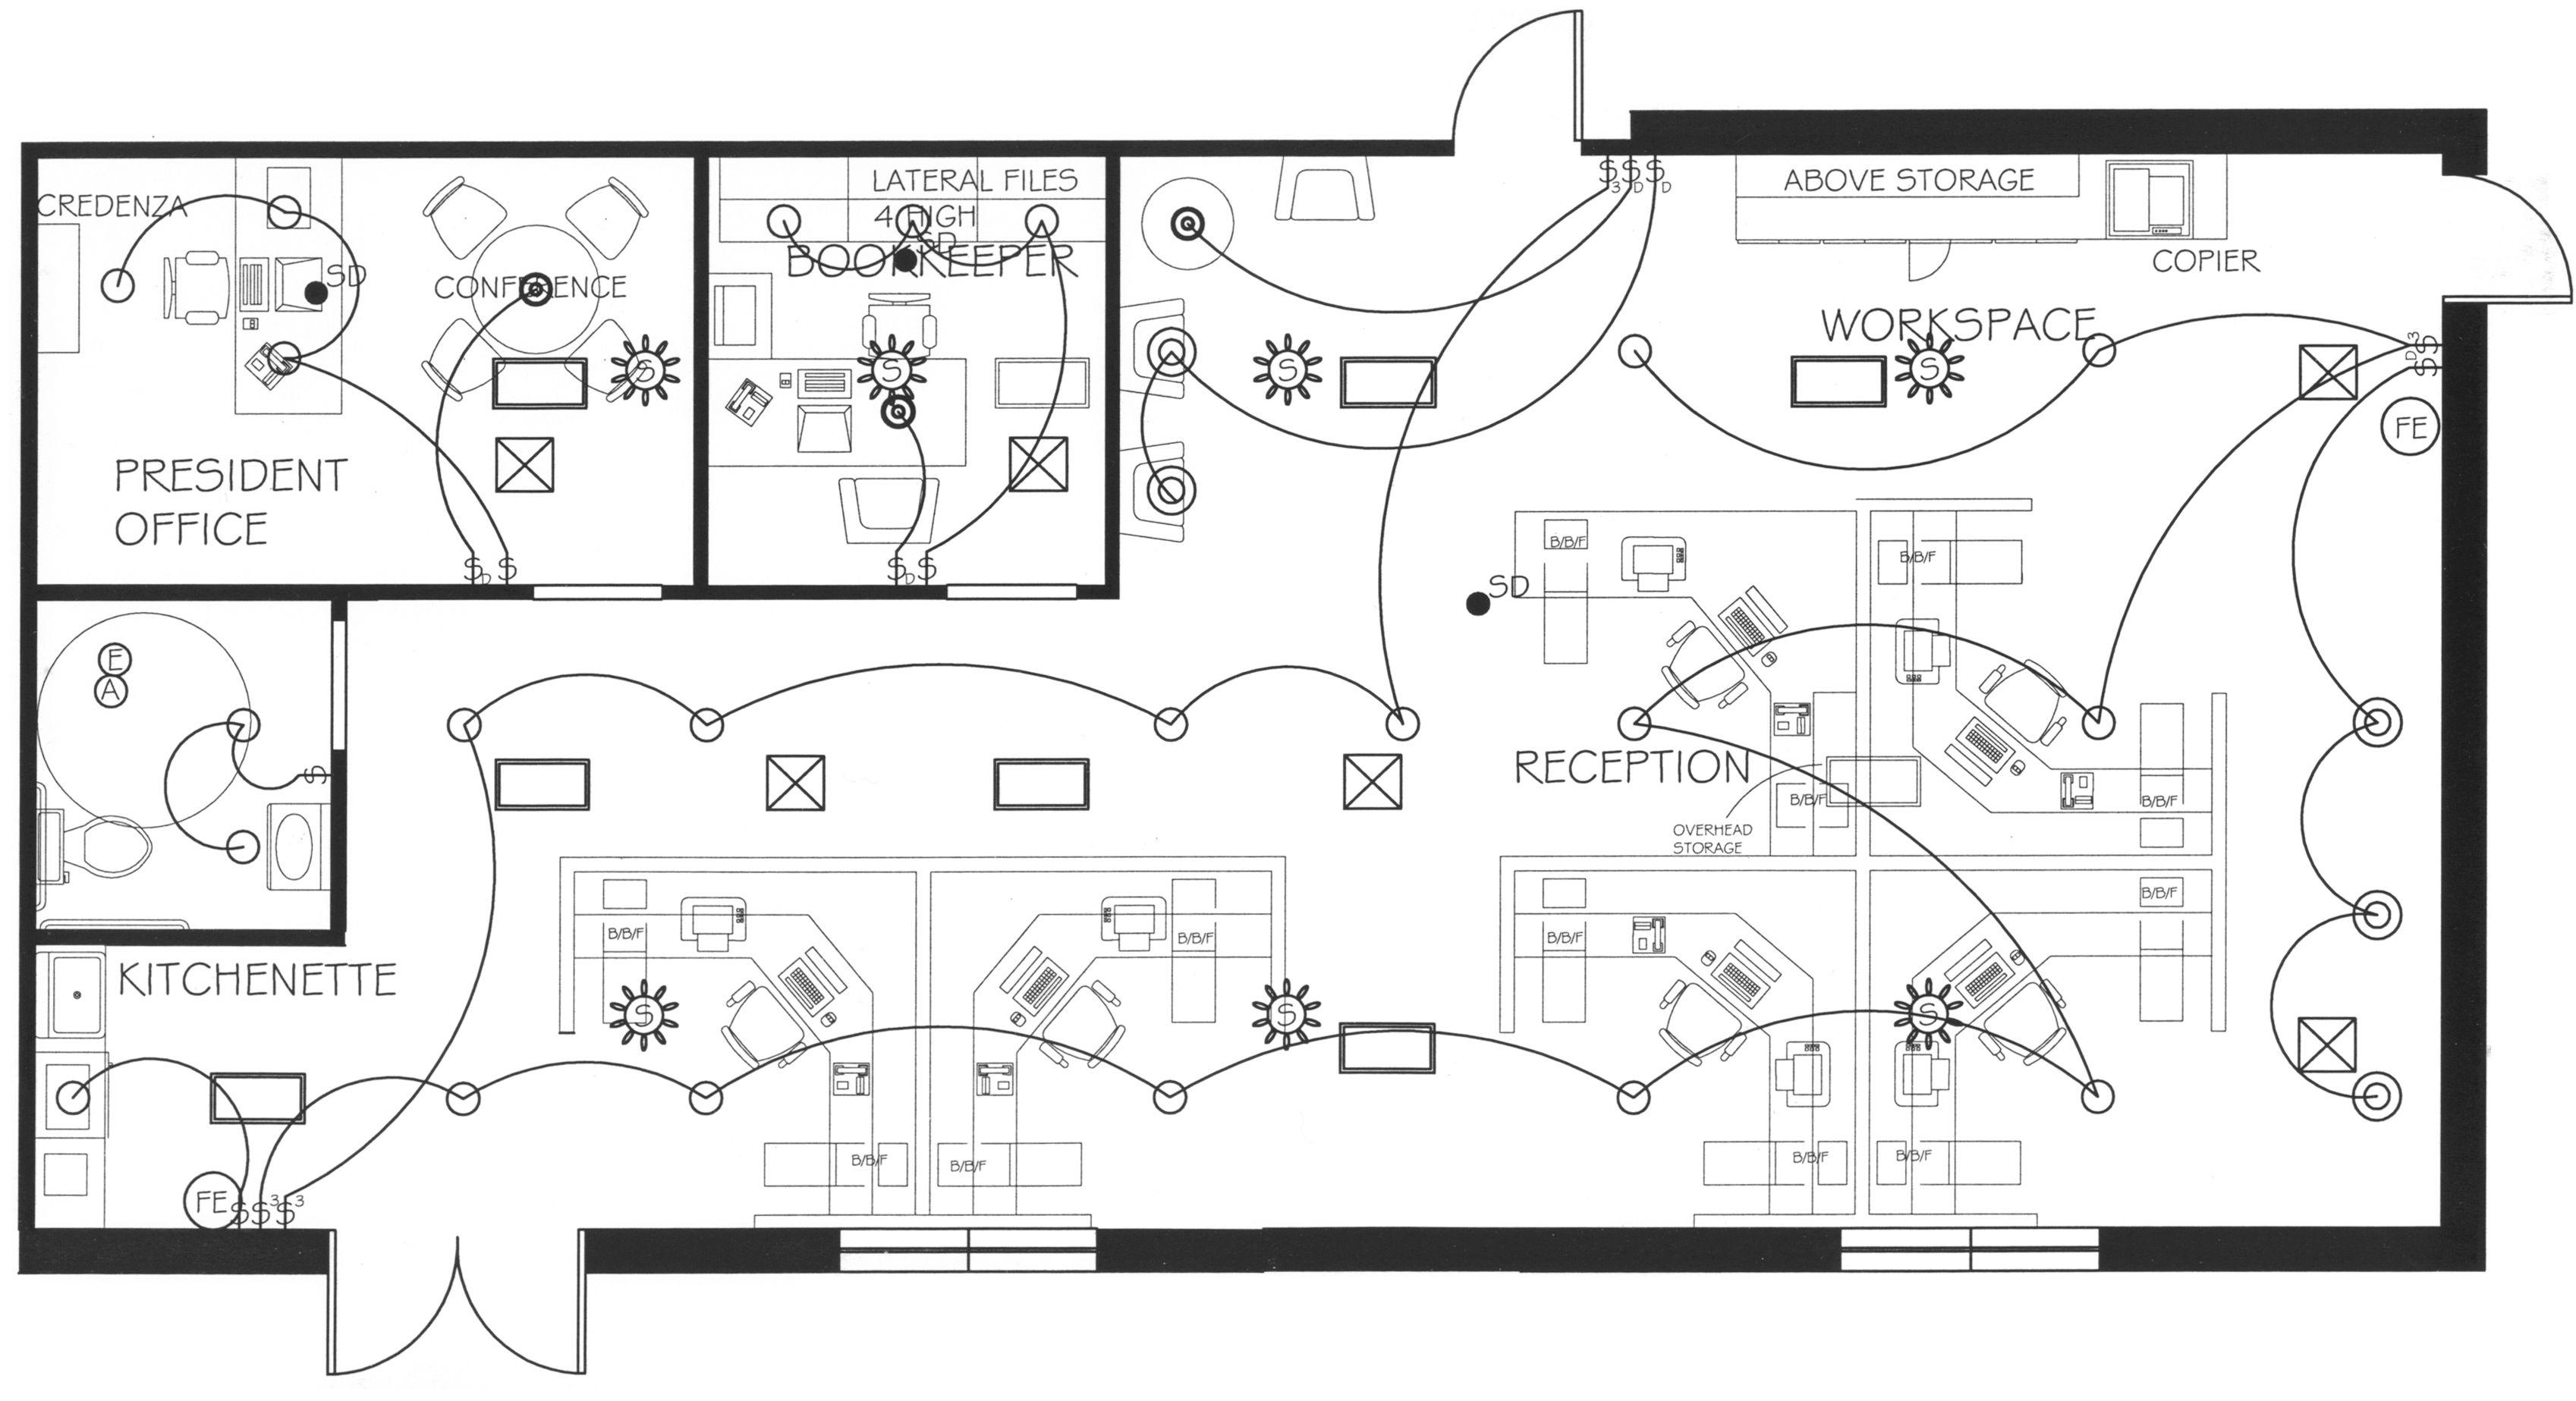 Office Layout Floor Plan